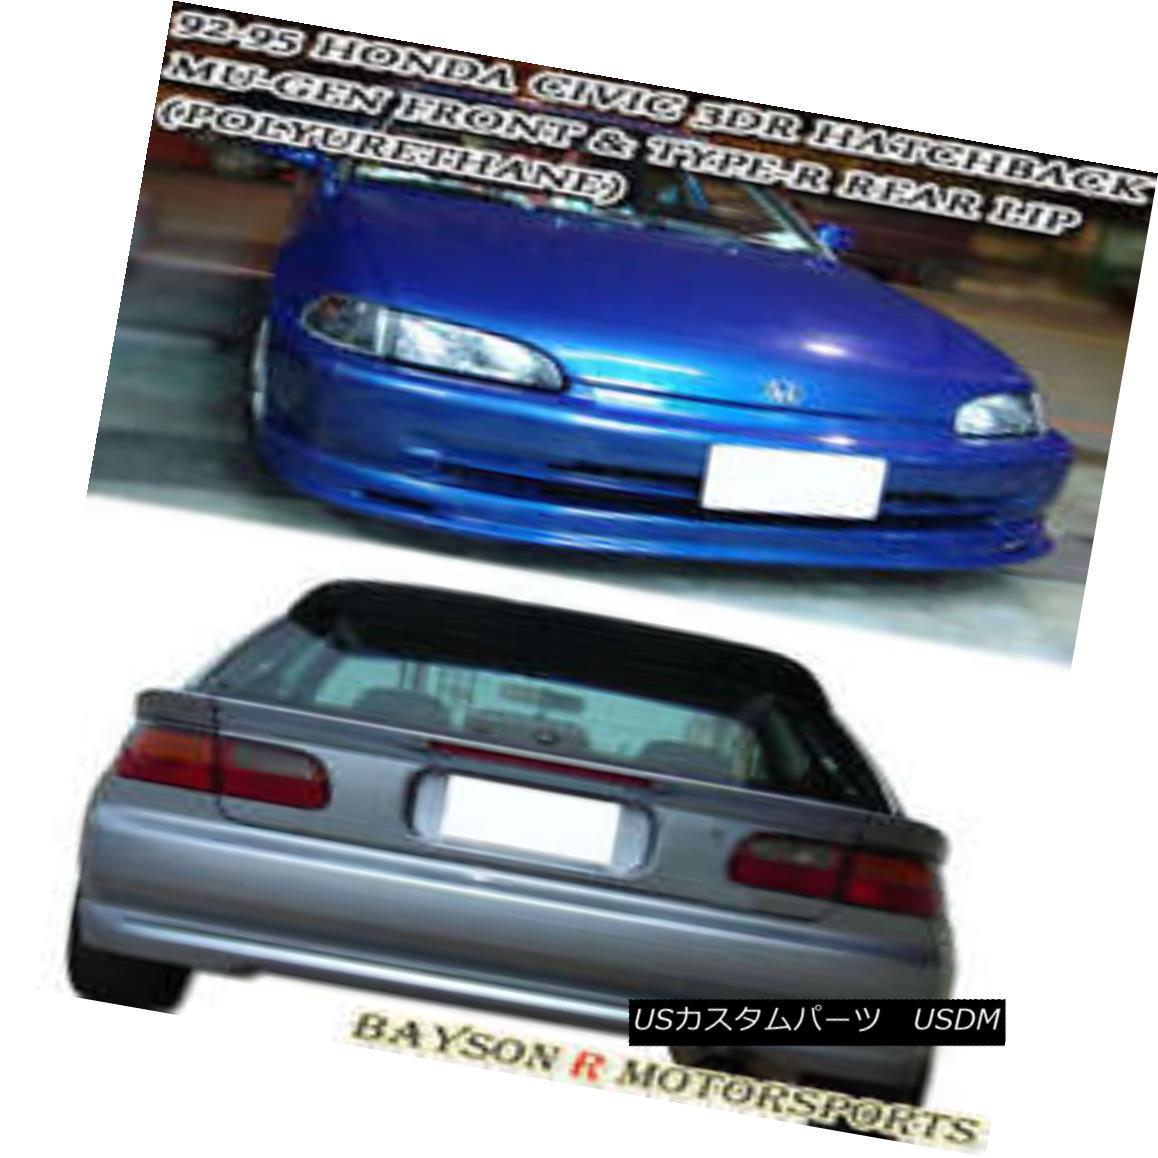 エアロパーツ Mu-gen Style Front Lip + TR-Style Rear Lip (Urethane) Fits 92-95 Civic 3dr Mu-genスタイルフロントリップ+ TRスタイルリアリップ(ウレタン)92-95 Civic 3dr